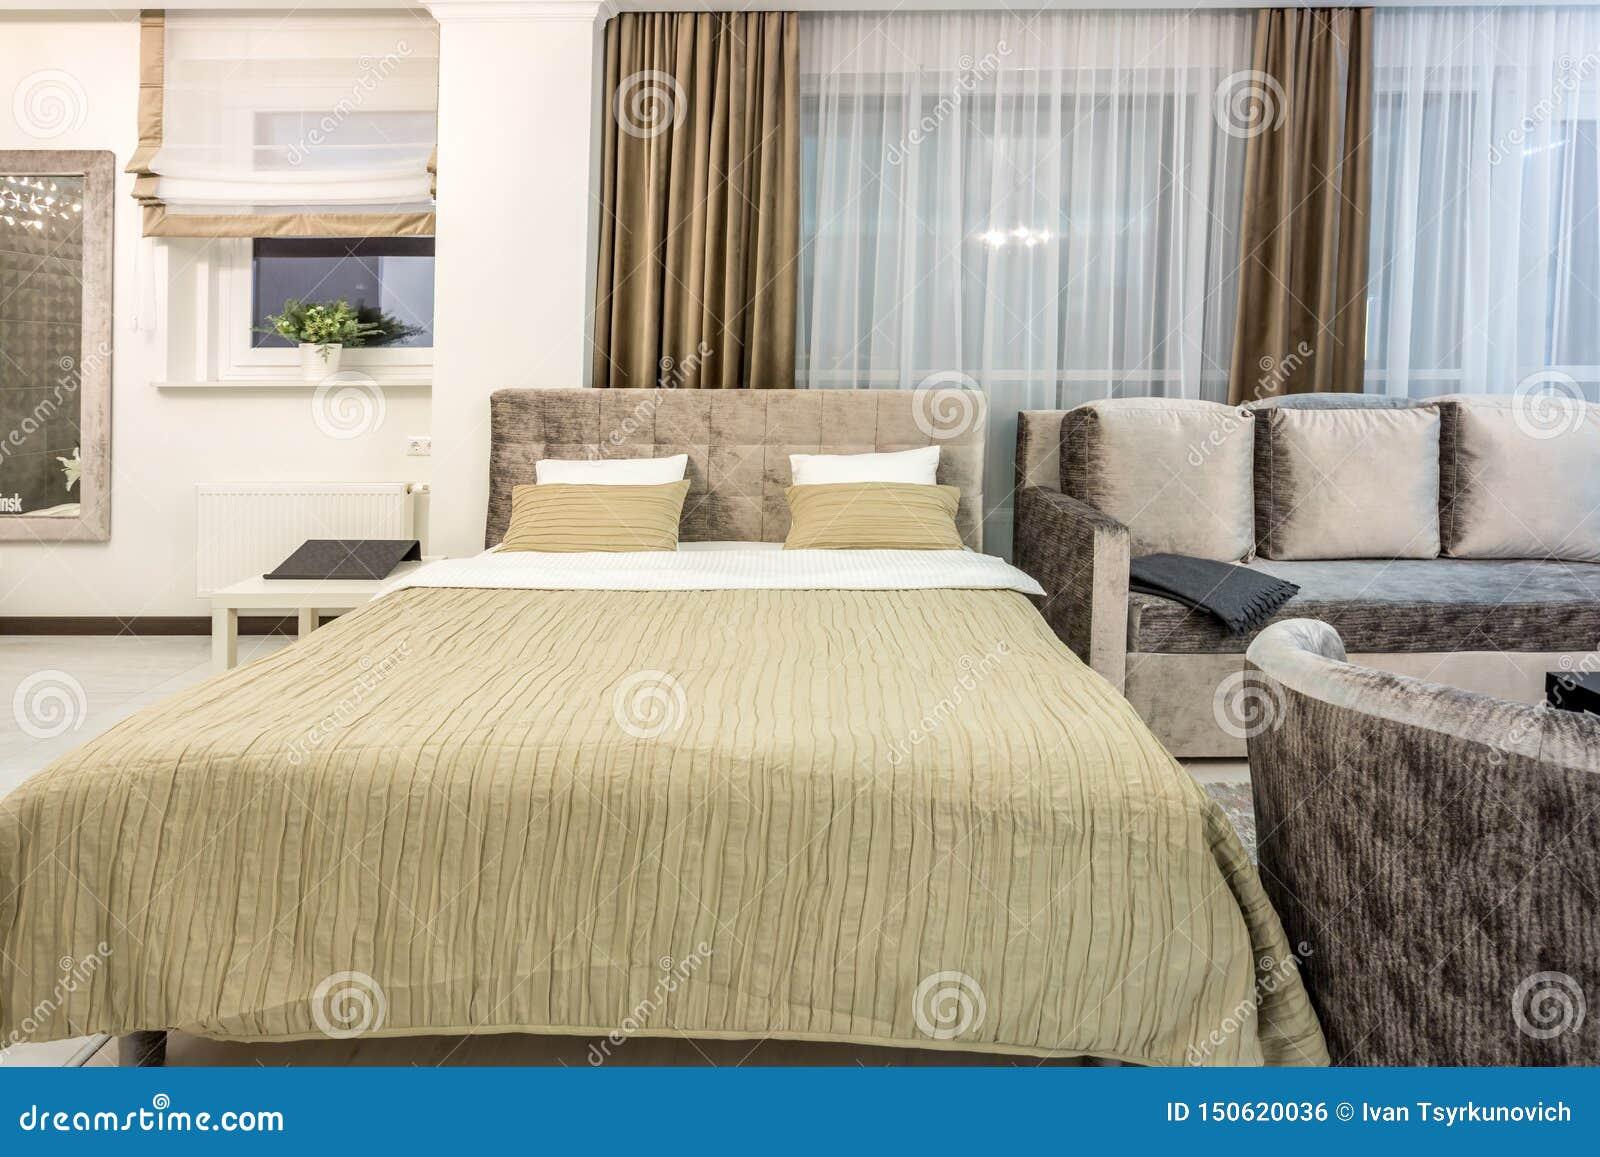 МИНСК, БЕЛАРУСЬ - ДЕКАБРЬ 2018: Двуспальная кровать с подушками в интерьере современной спальни в квартире просторной квартиры в